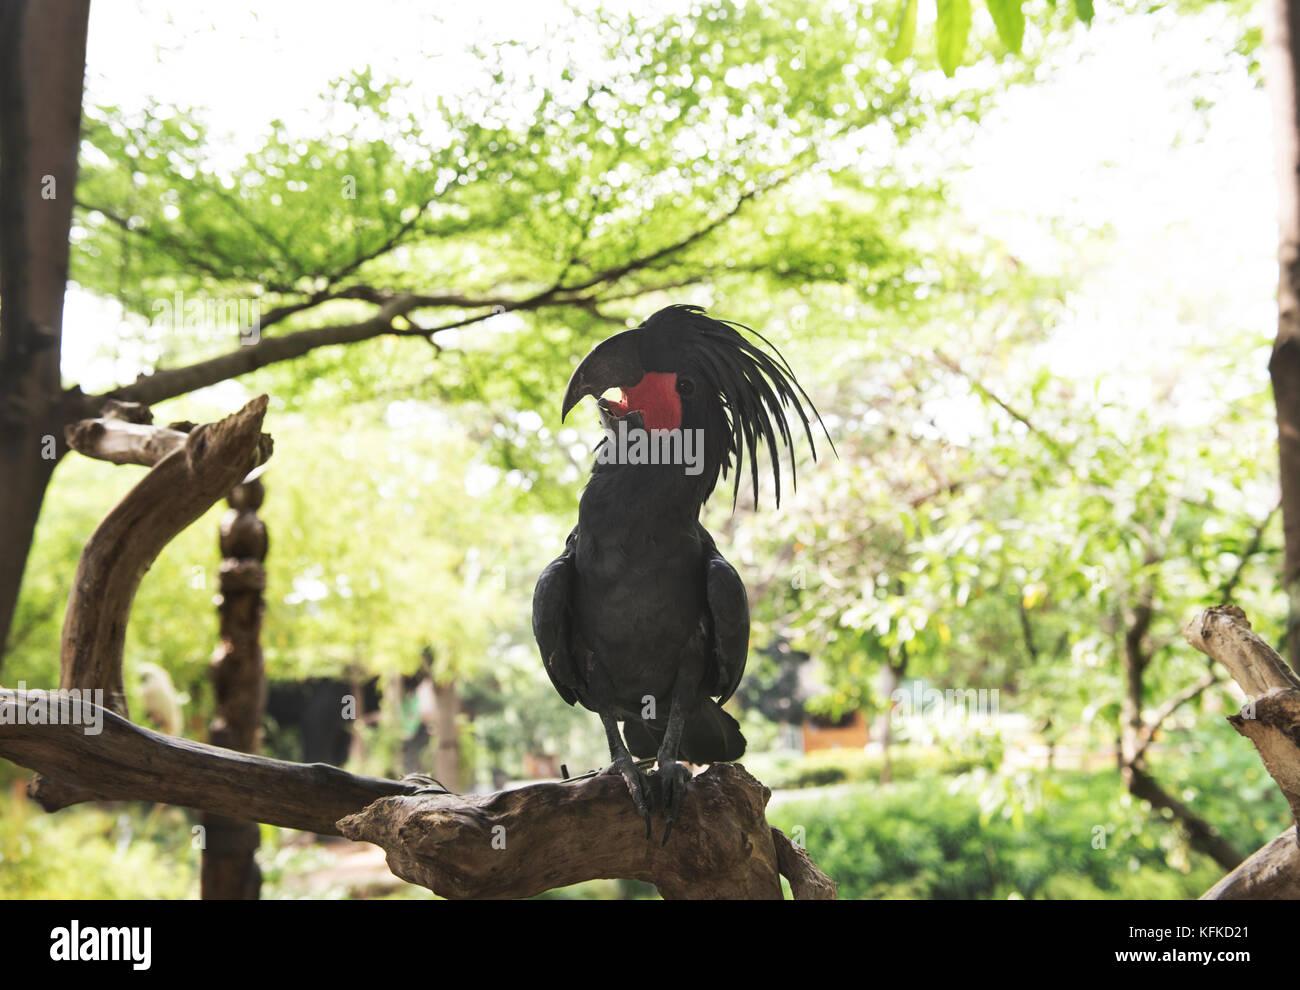 Cacatoès noir (probosciger aterrimus palm) perché sur la branche. L'une des espèces de cacatoès en Indonésie Banque D'Images